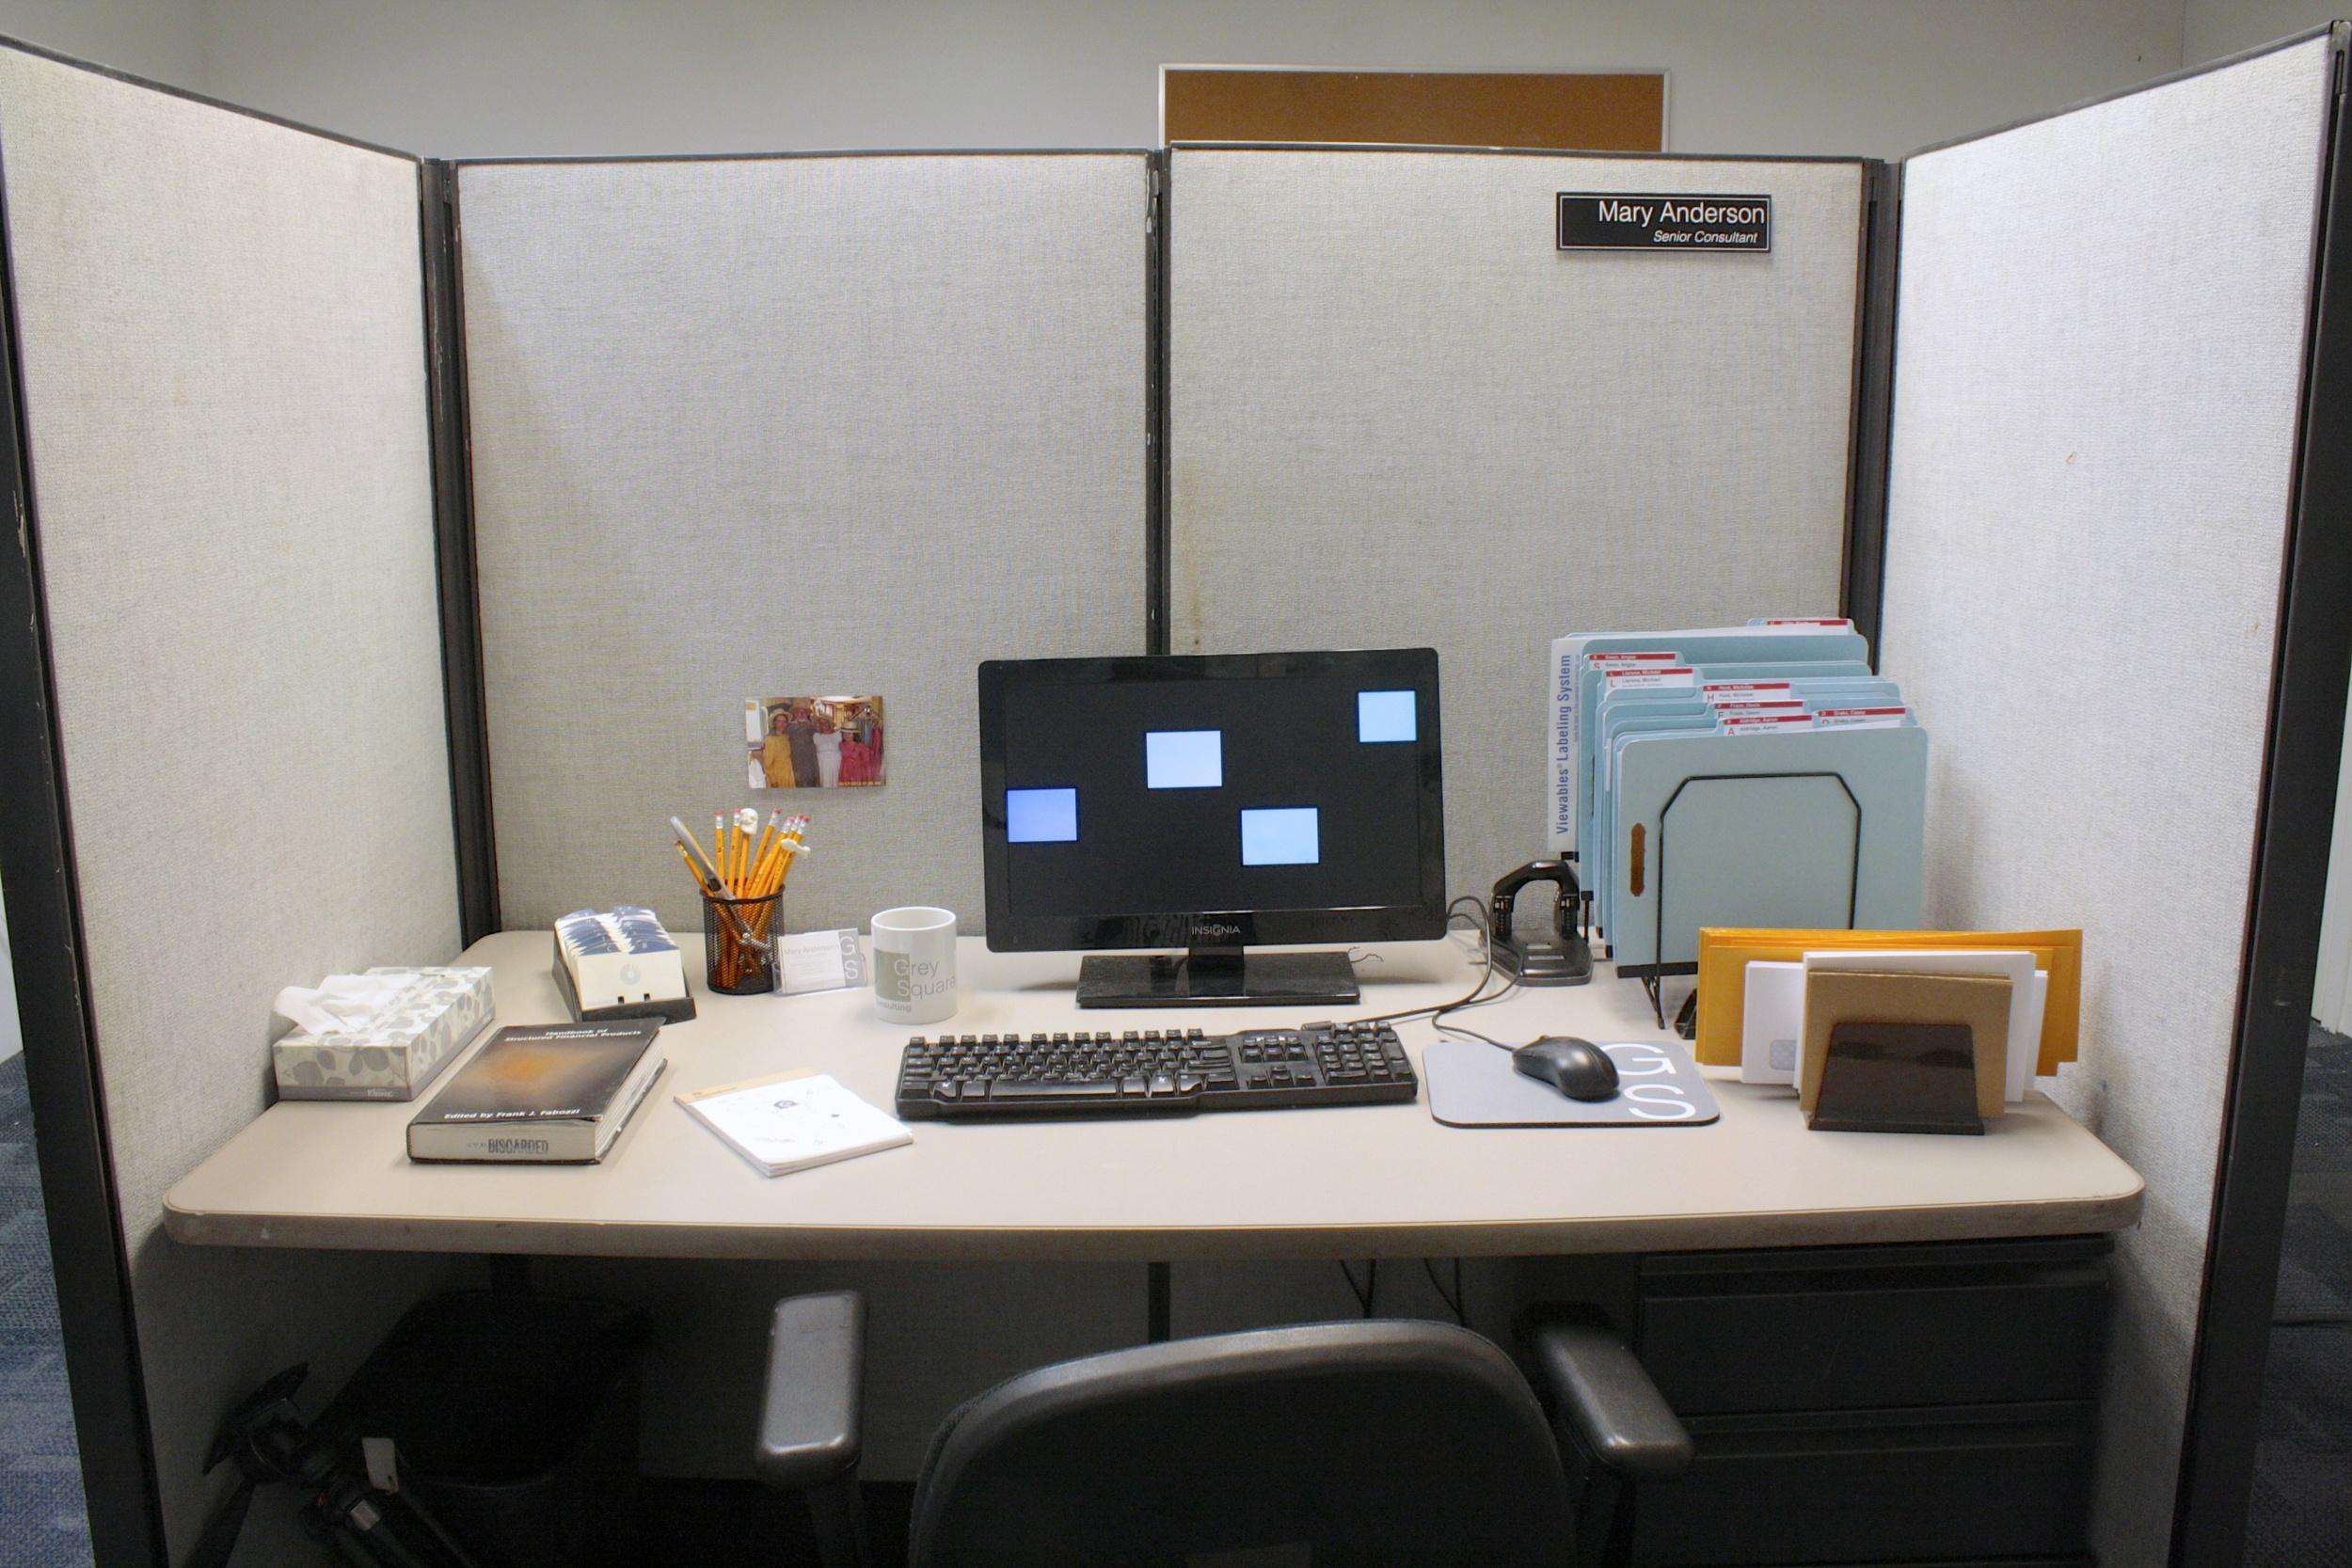 Mary Anderson Desktop